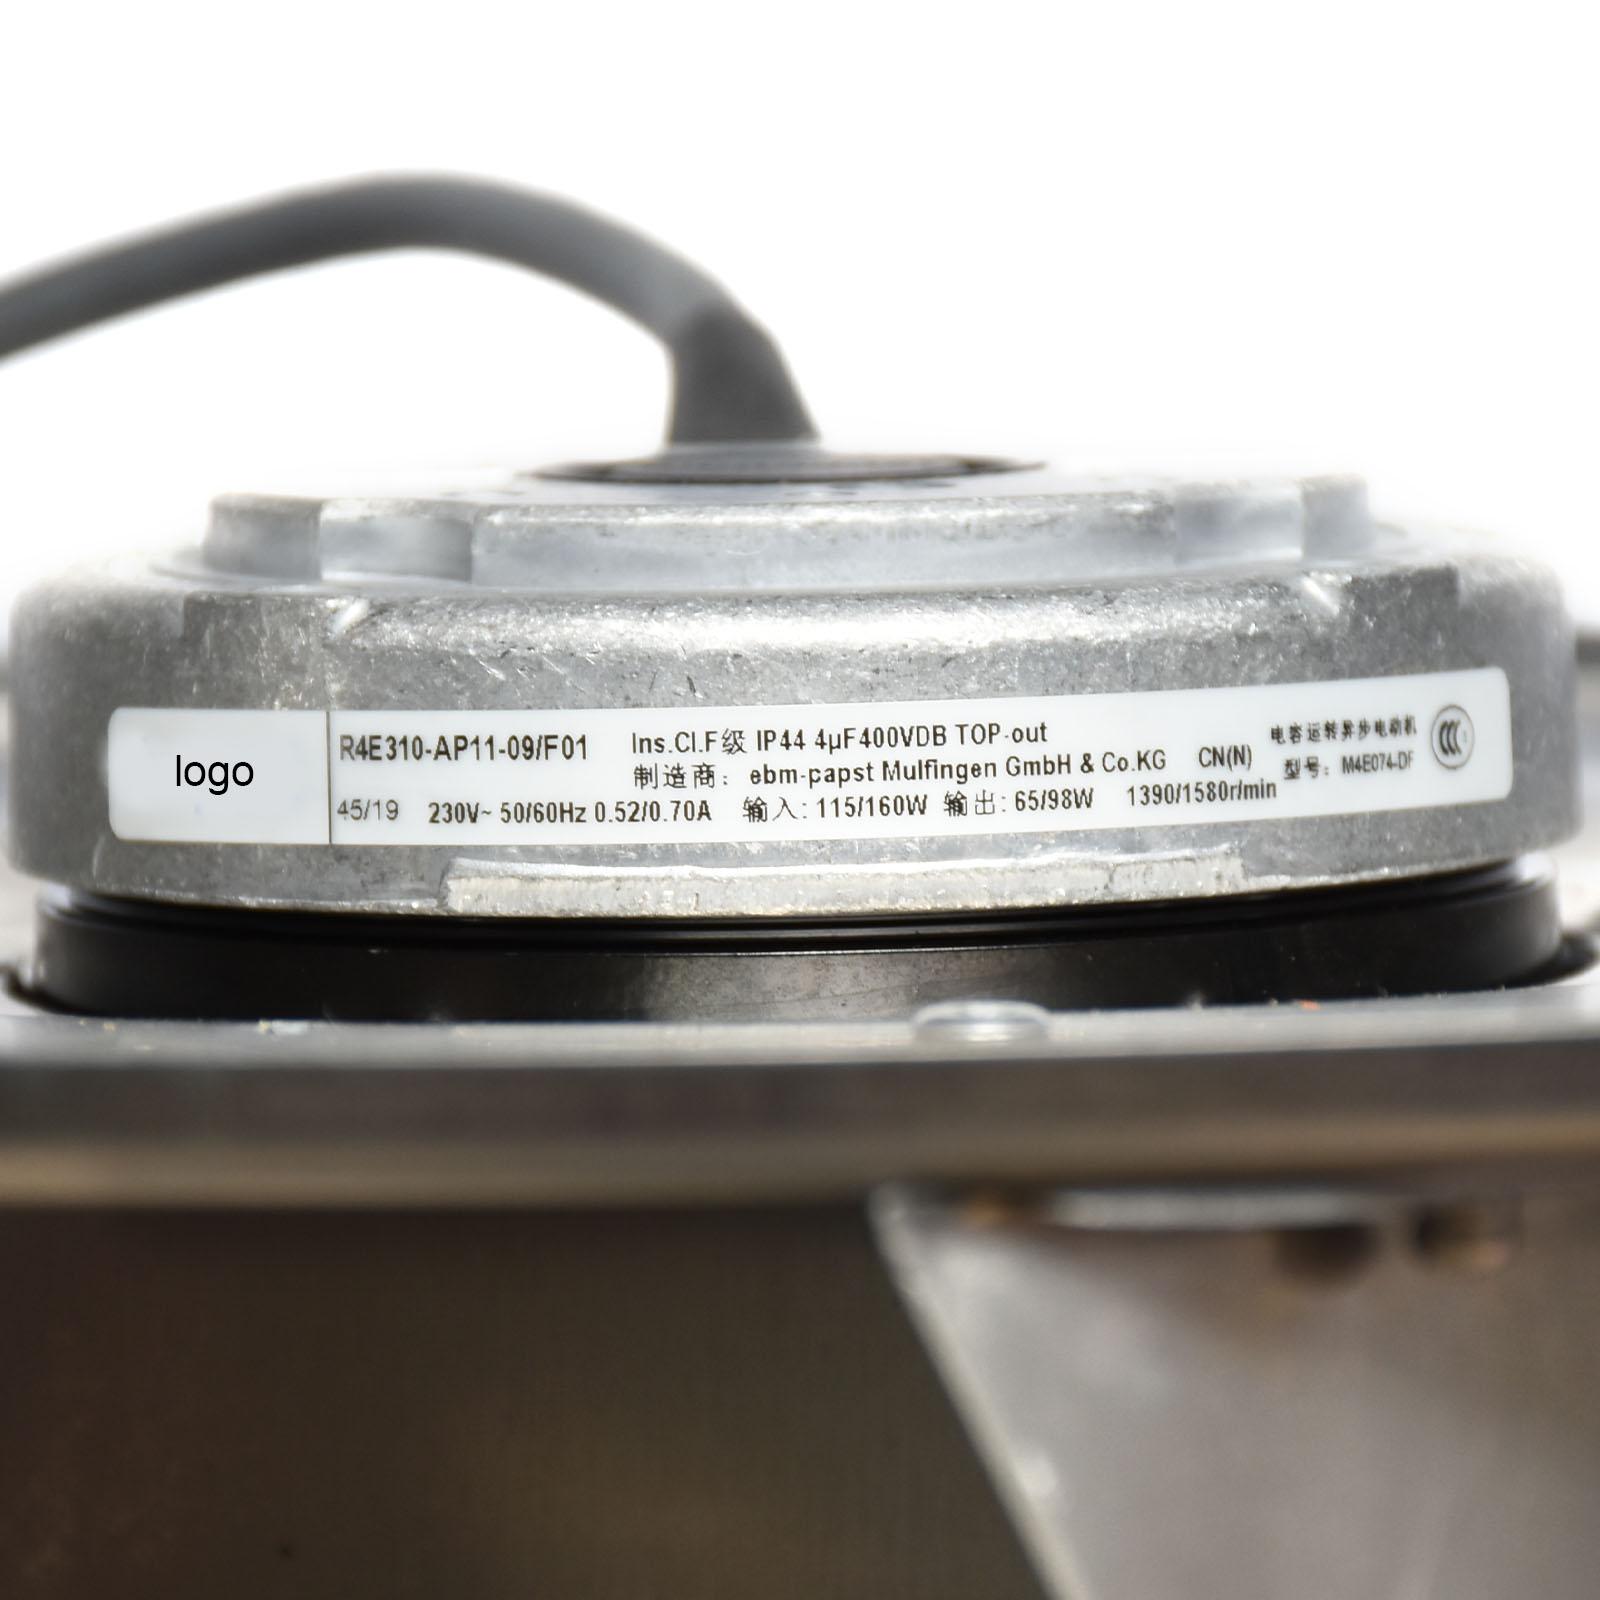 Ebmpapst R4E310-AP11-09/F01 230V 0.70A 160W FFU Turbo Centrifugal Fan